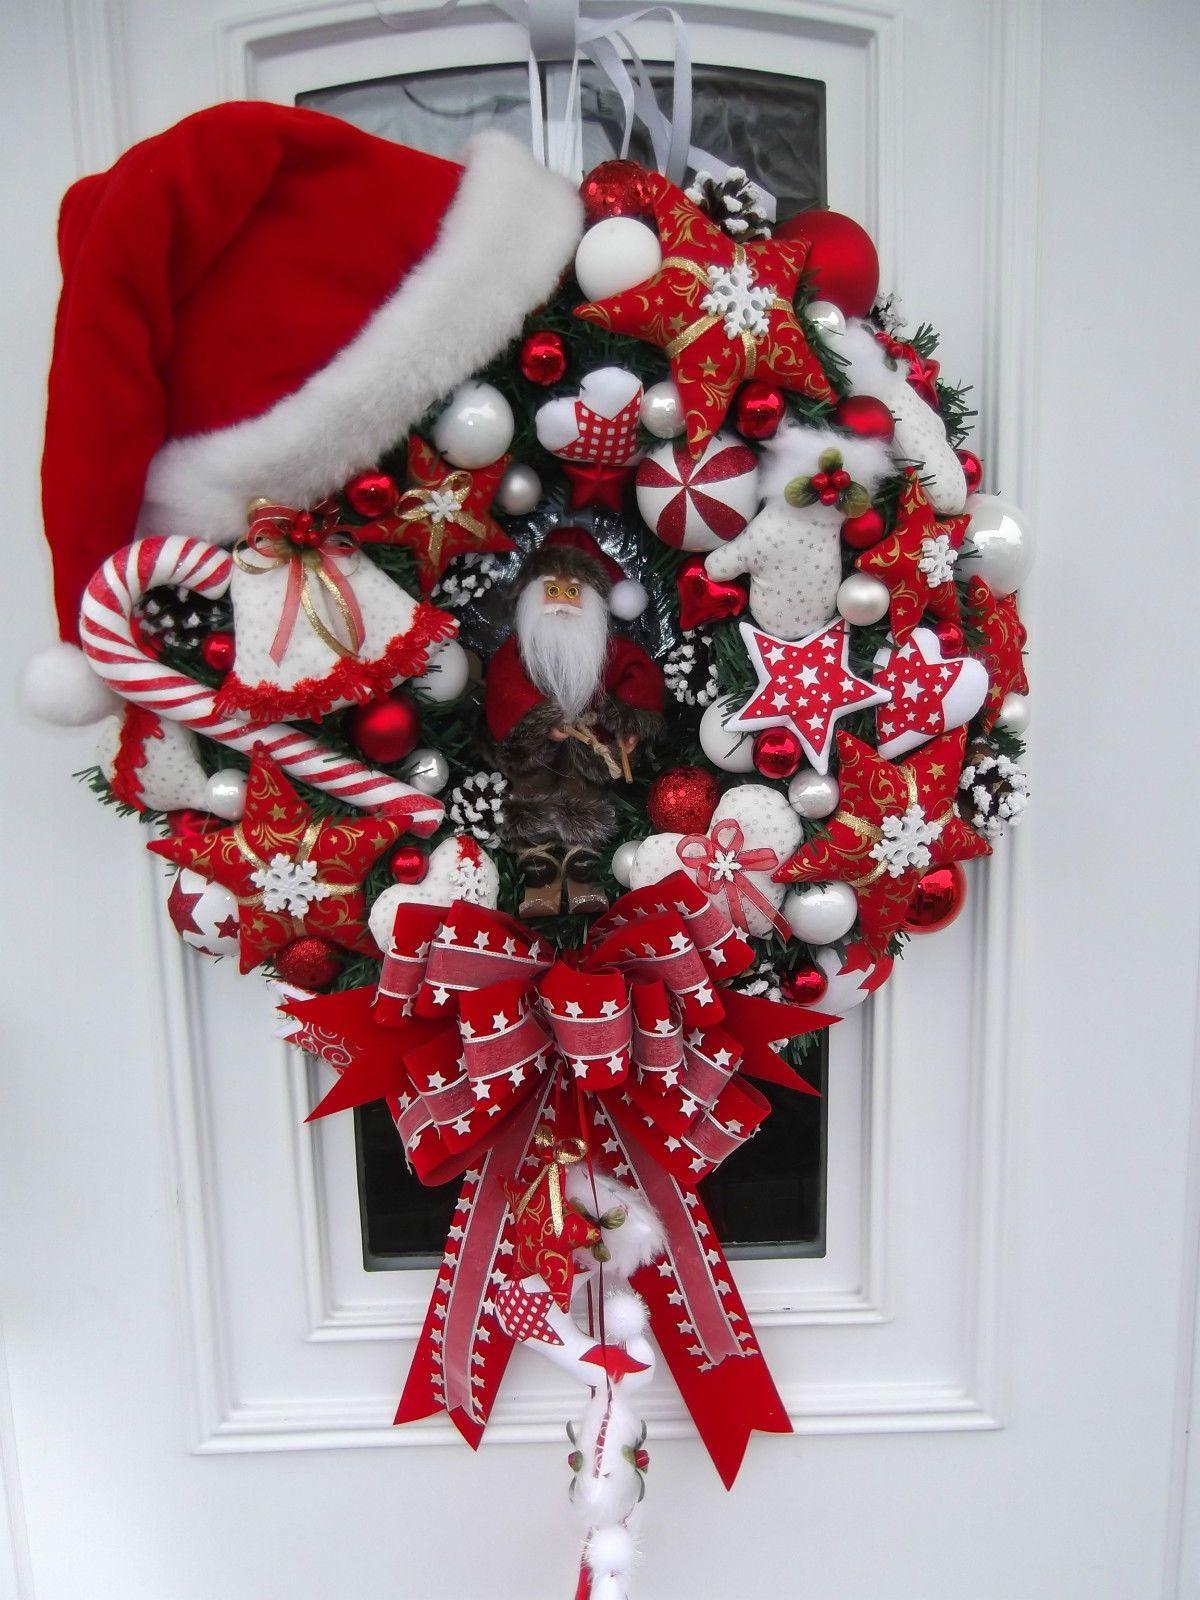 Türkranz Weihnachtskranz Weihnachtsdeko Rot Weiß Tilda Art | EBay